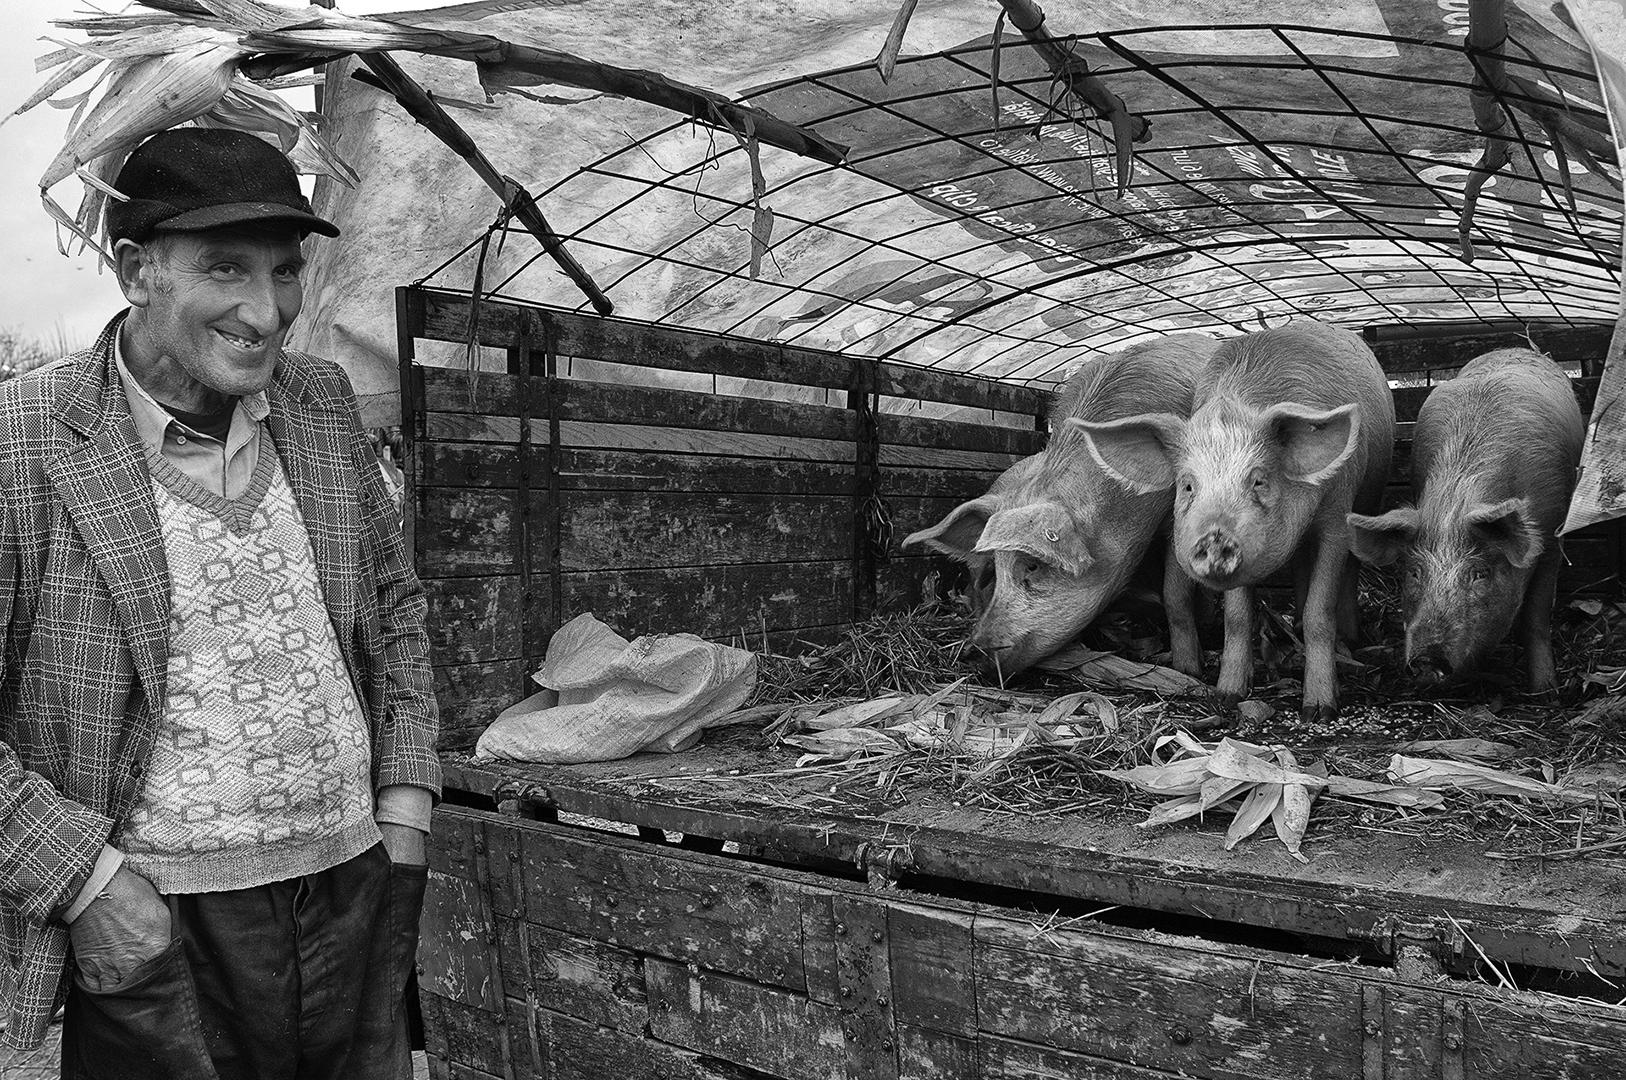 Pigs market, Søren Skov